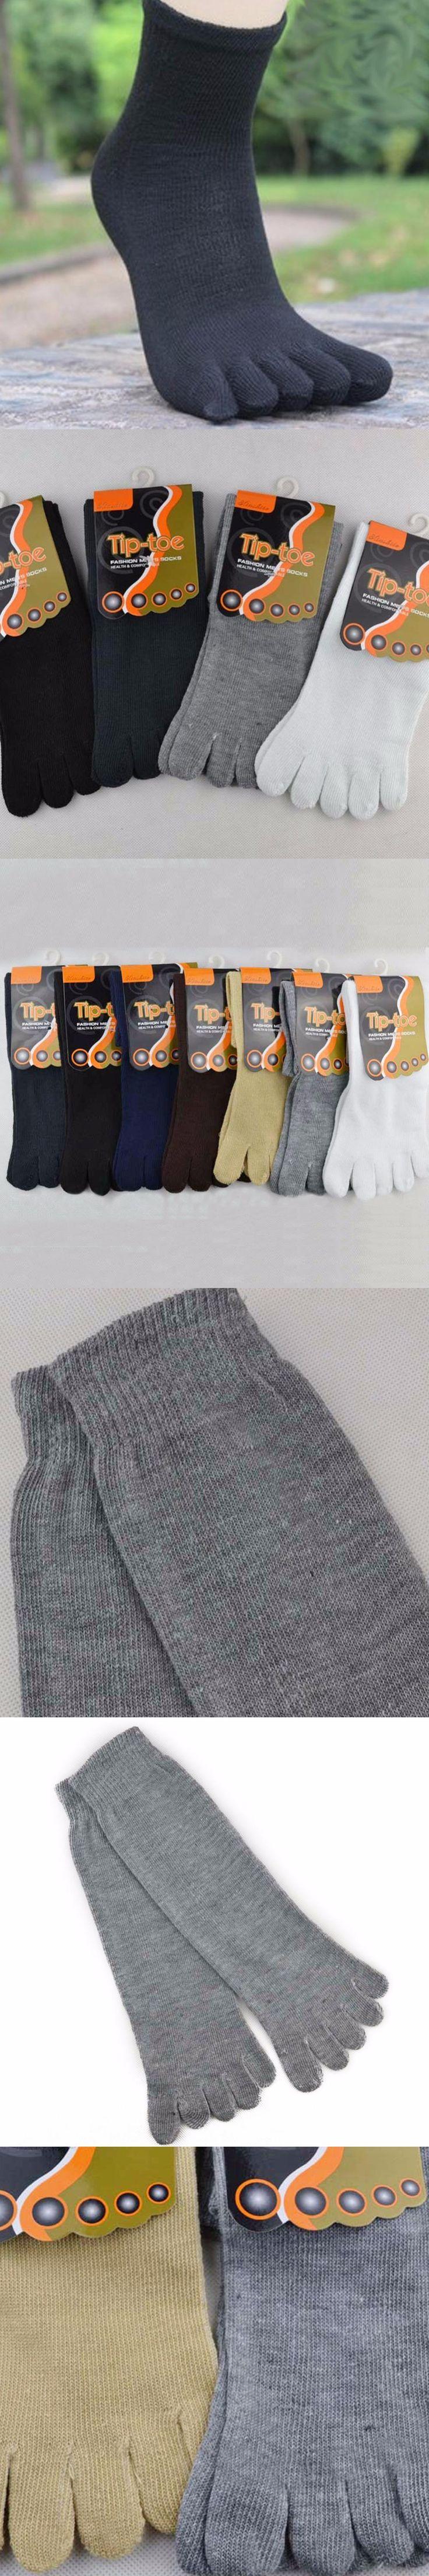 Superior Men Socks For Basketballs toe socks Five Fingers Flip Tabi Runnings Socks Comfortable Fashion Tip Toe Luxury Brand LB